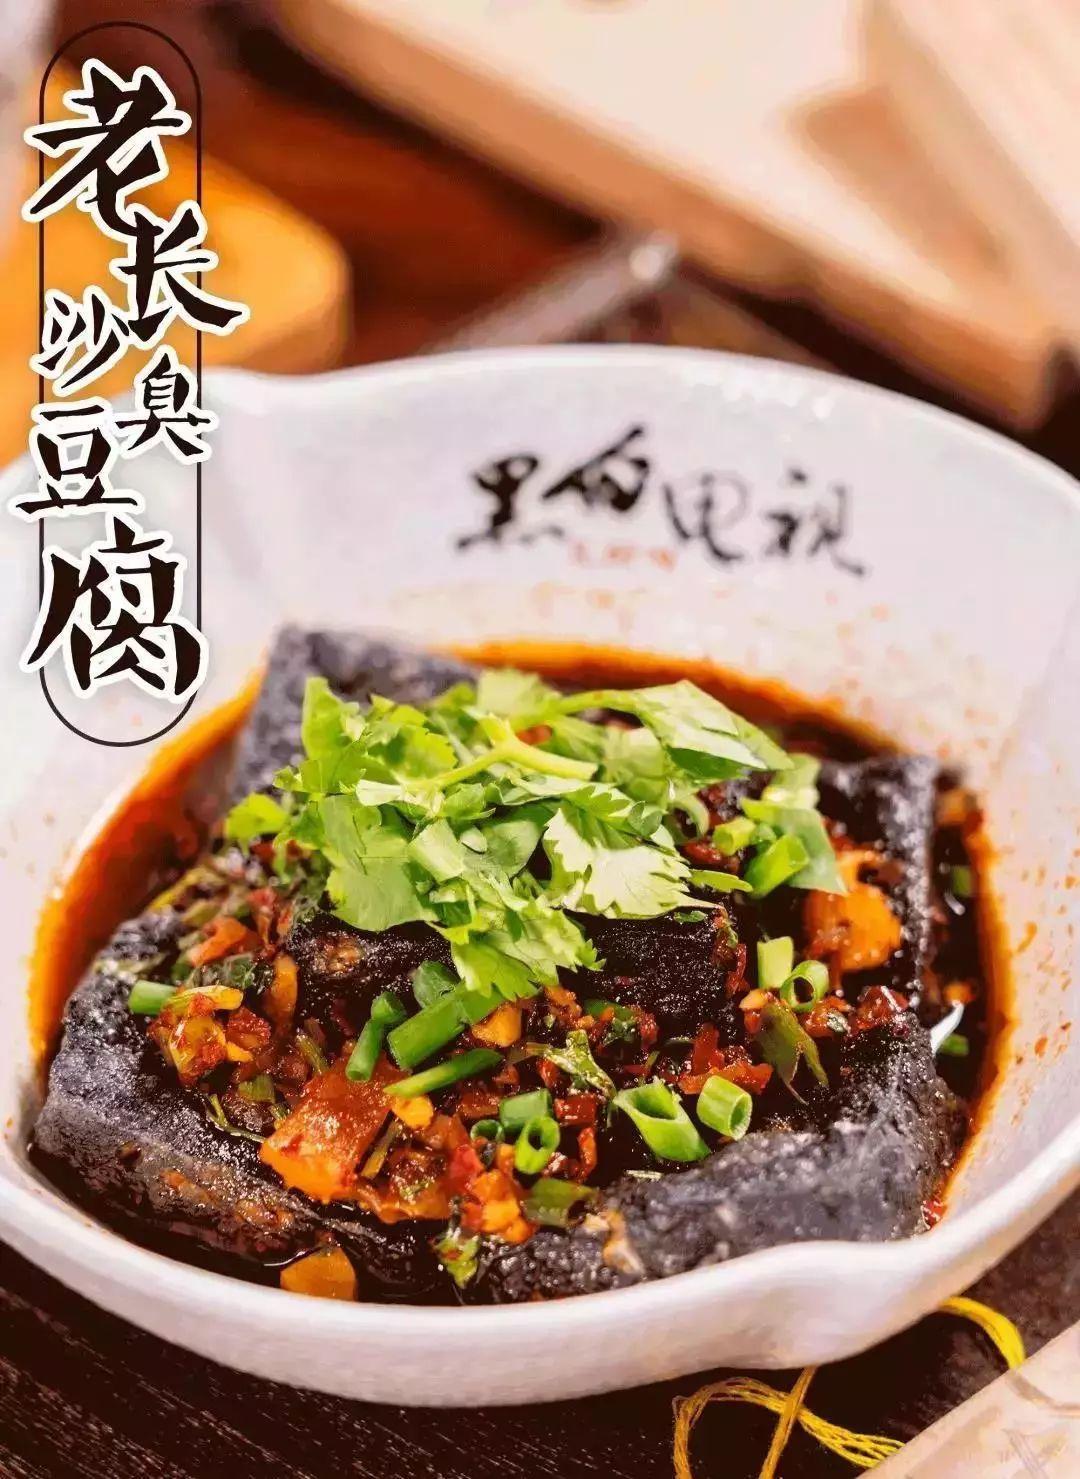 东莞臭豆腐_6元         大家对长沙的印象   应该是从那些小巷里的一碗臭豆腐